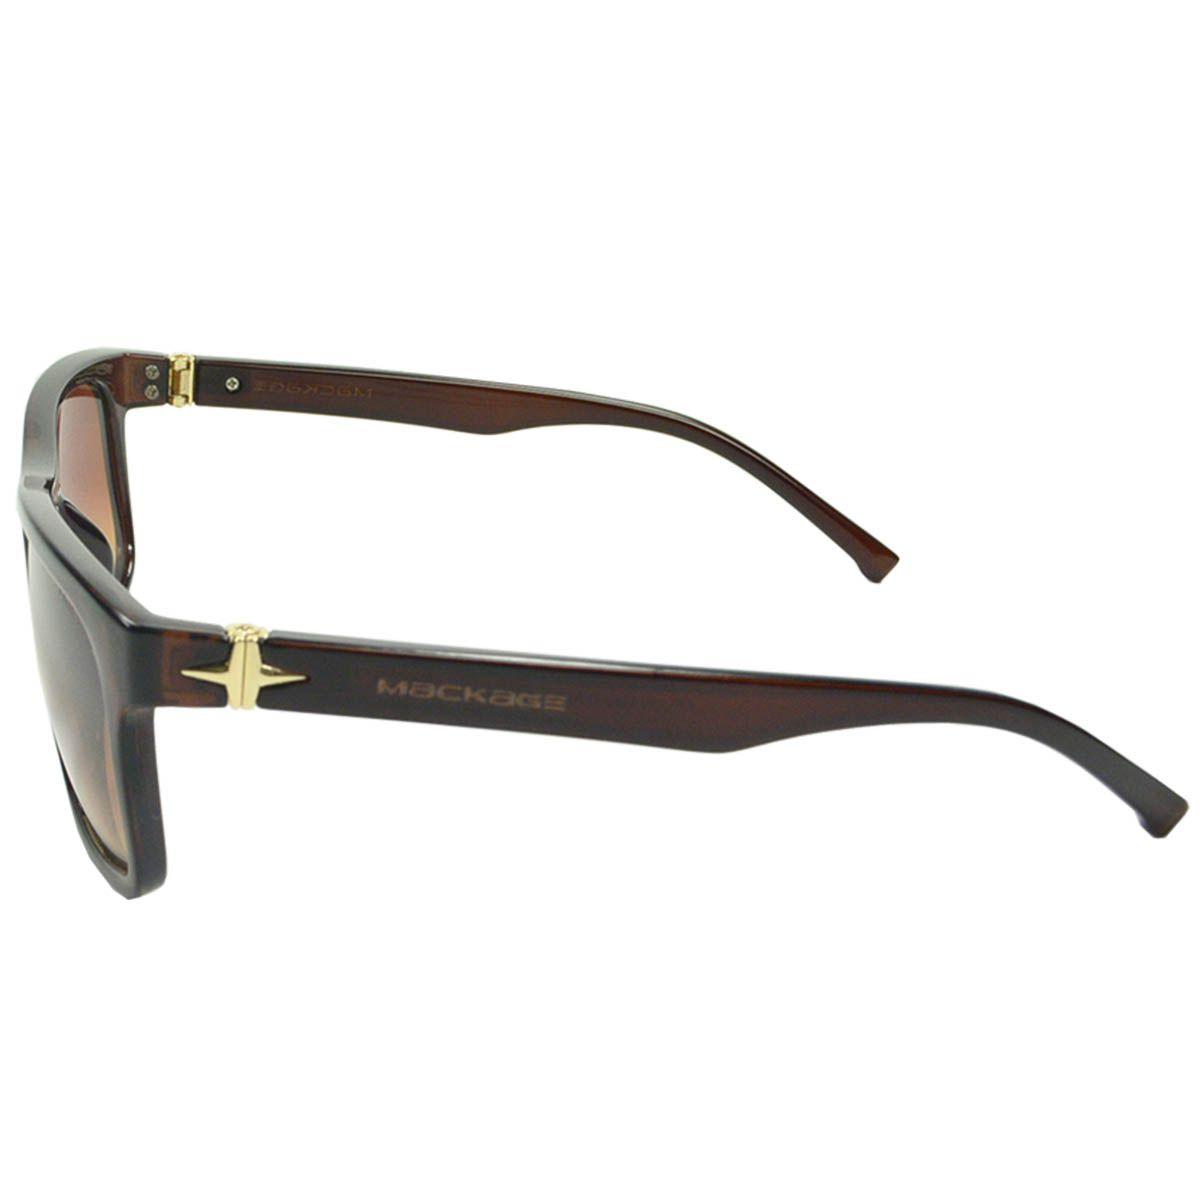 Óculos de Sol Unissex Mackage MK1005M Marrom